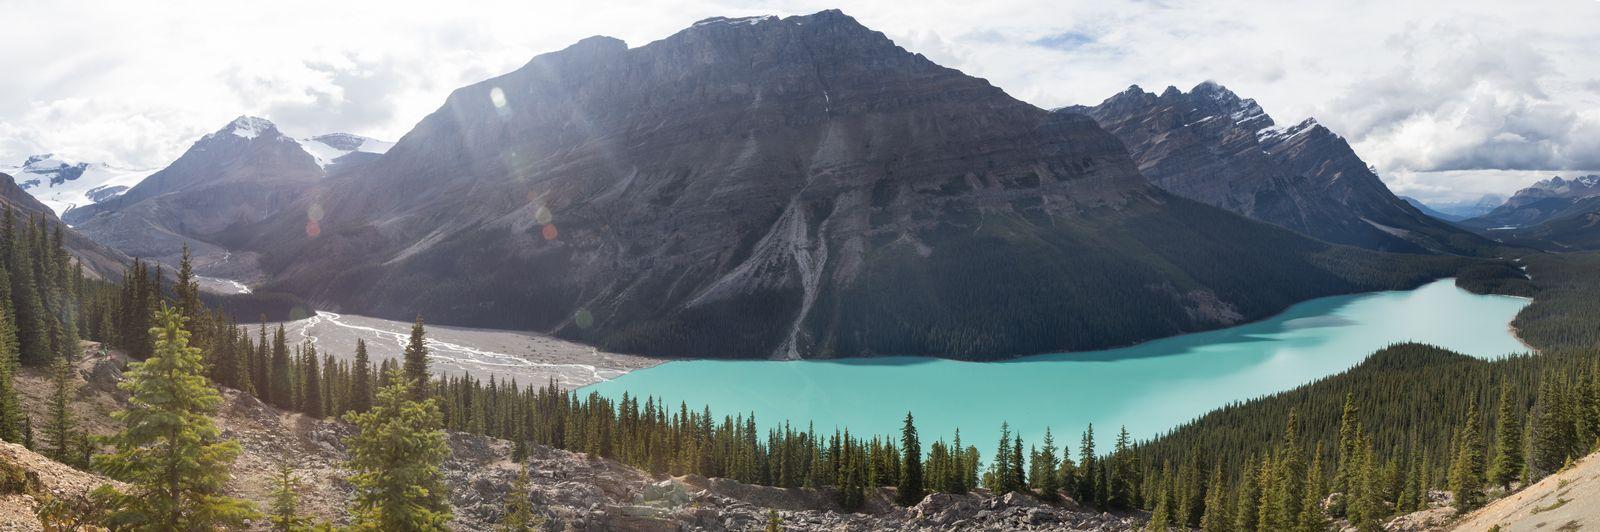 Peyto Lake y el reencuentro con el turquesa imposible